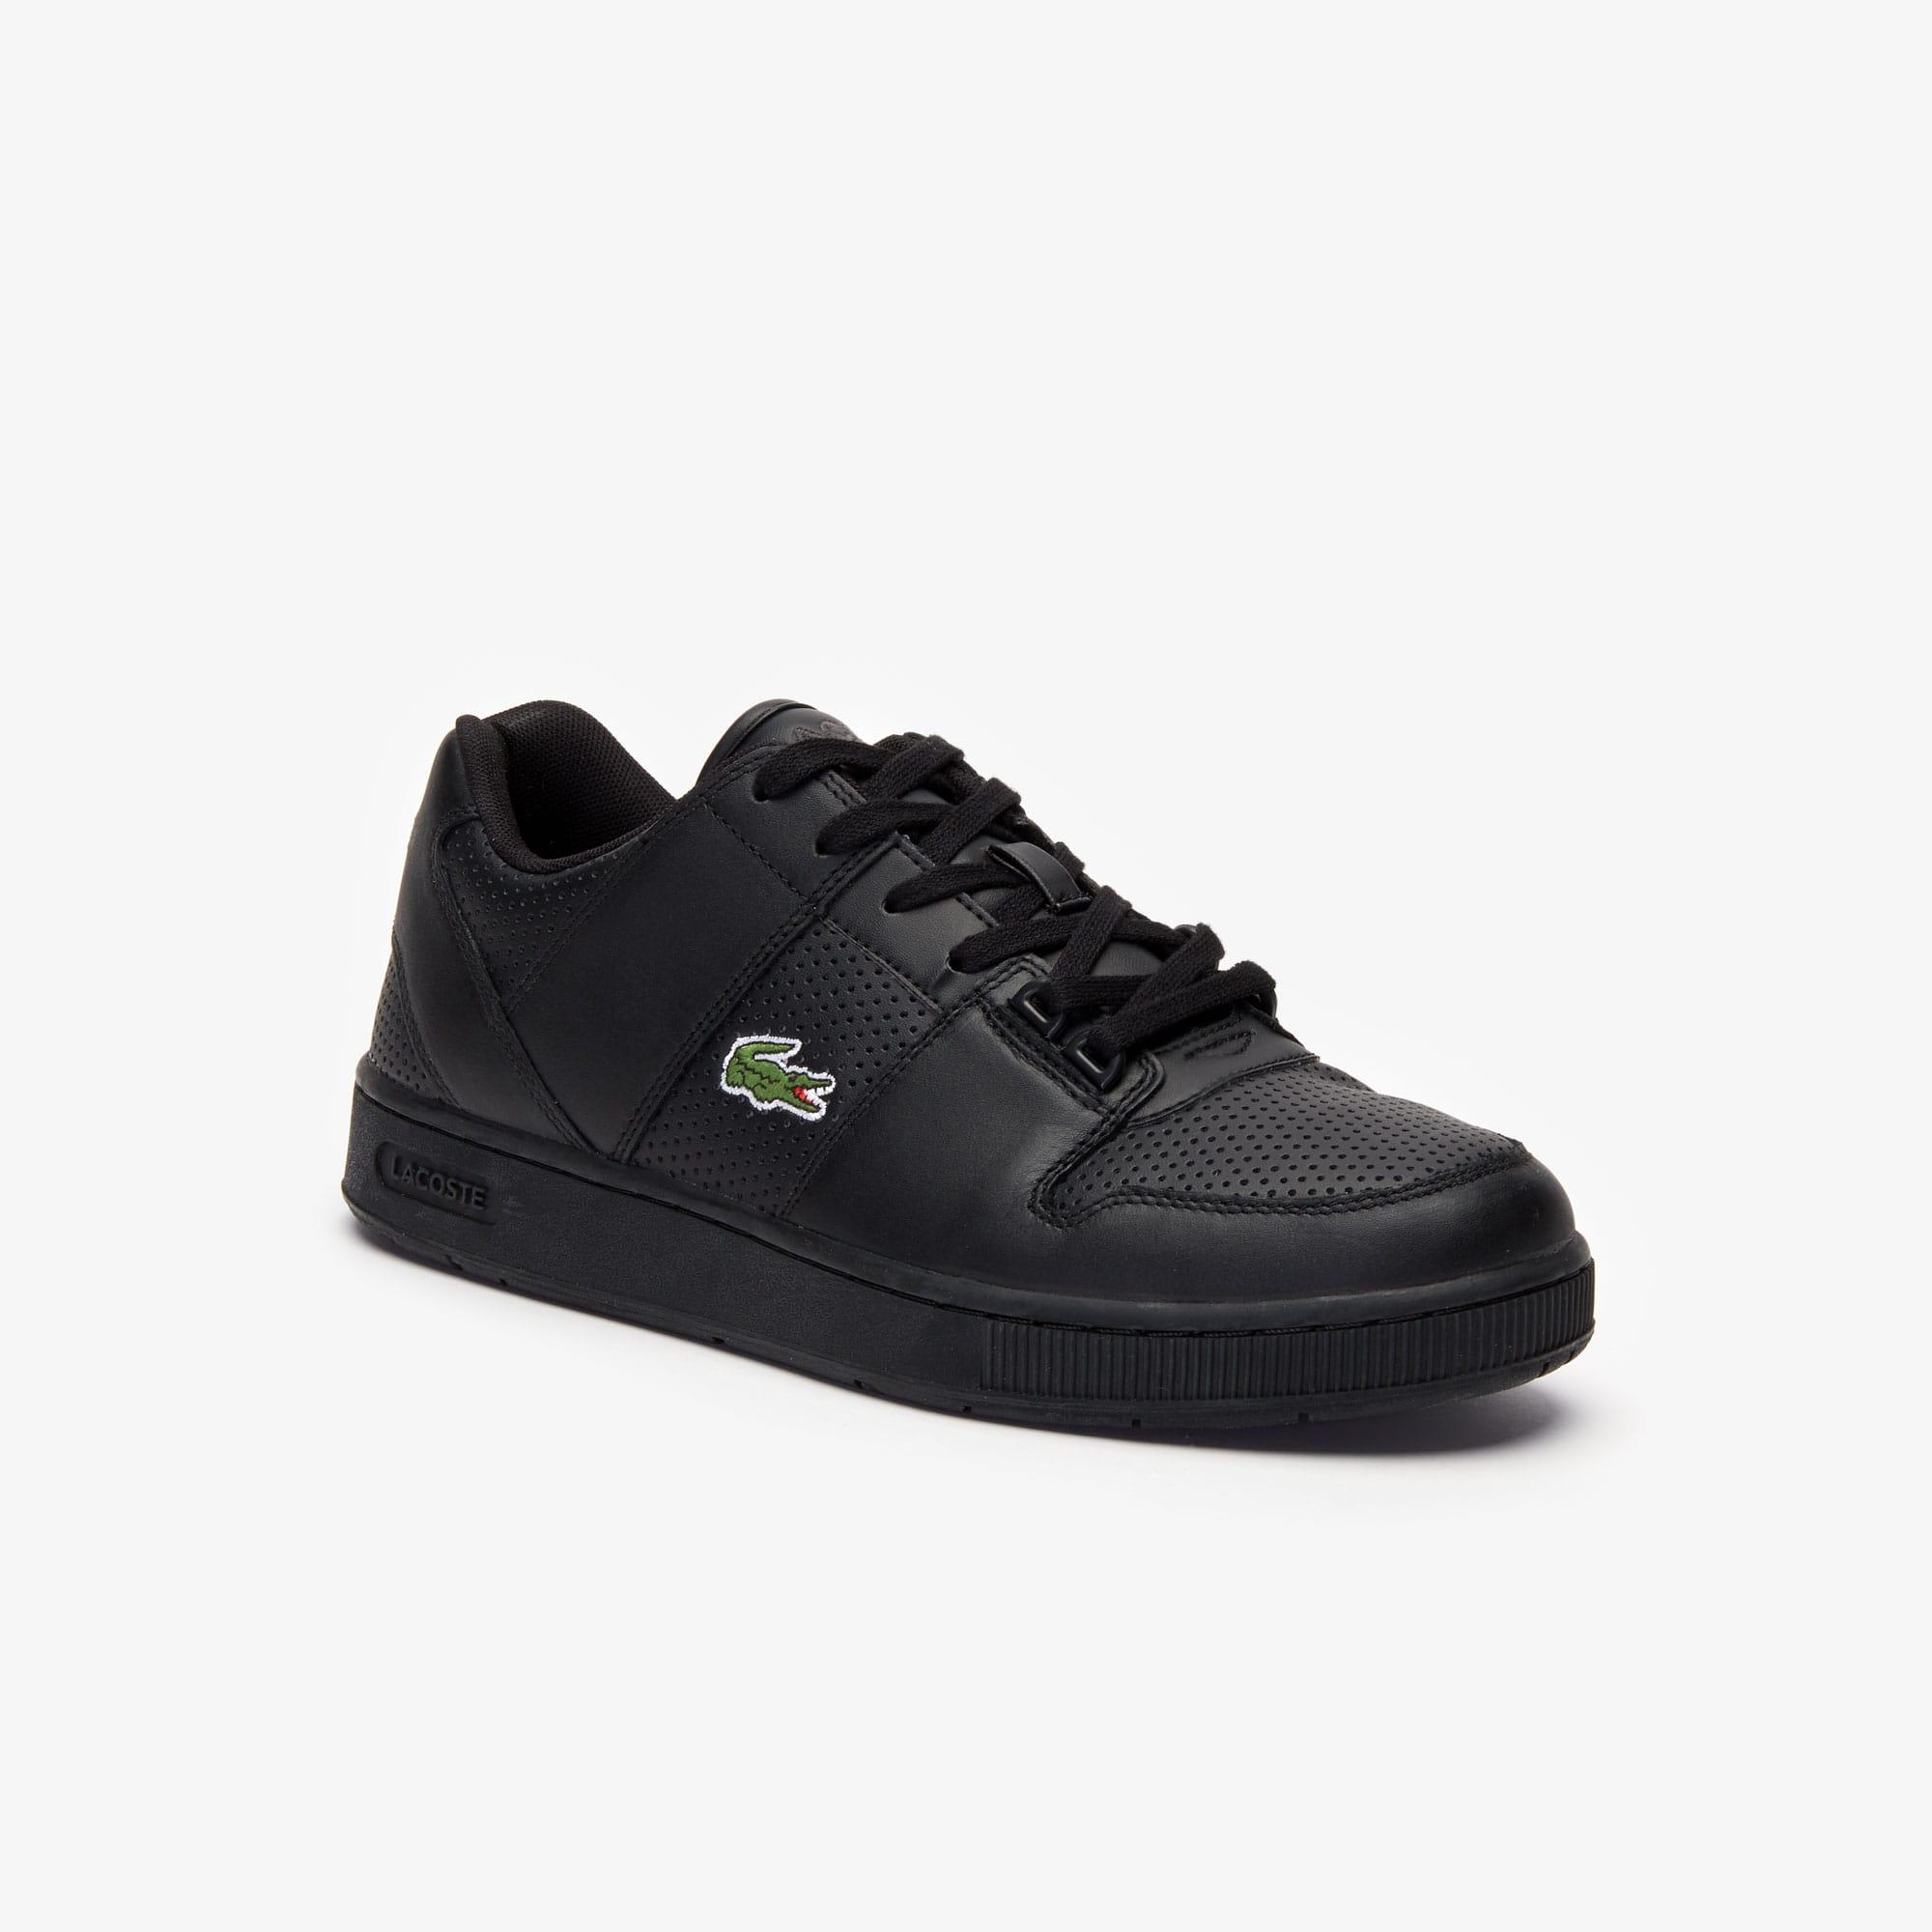 51c2c5eb89 Scarpe Lacoste da uomo: sneaker, stivali, da città| LACOSTE